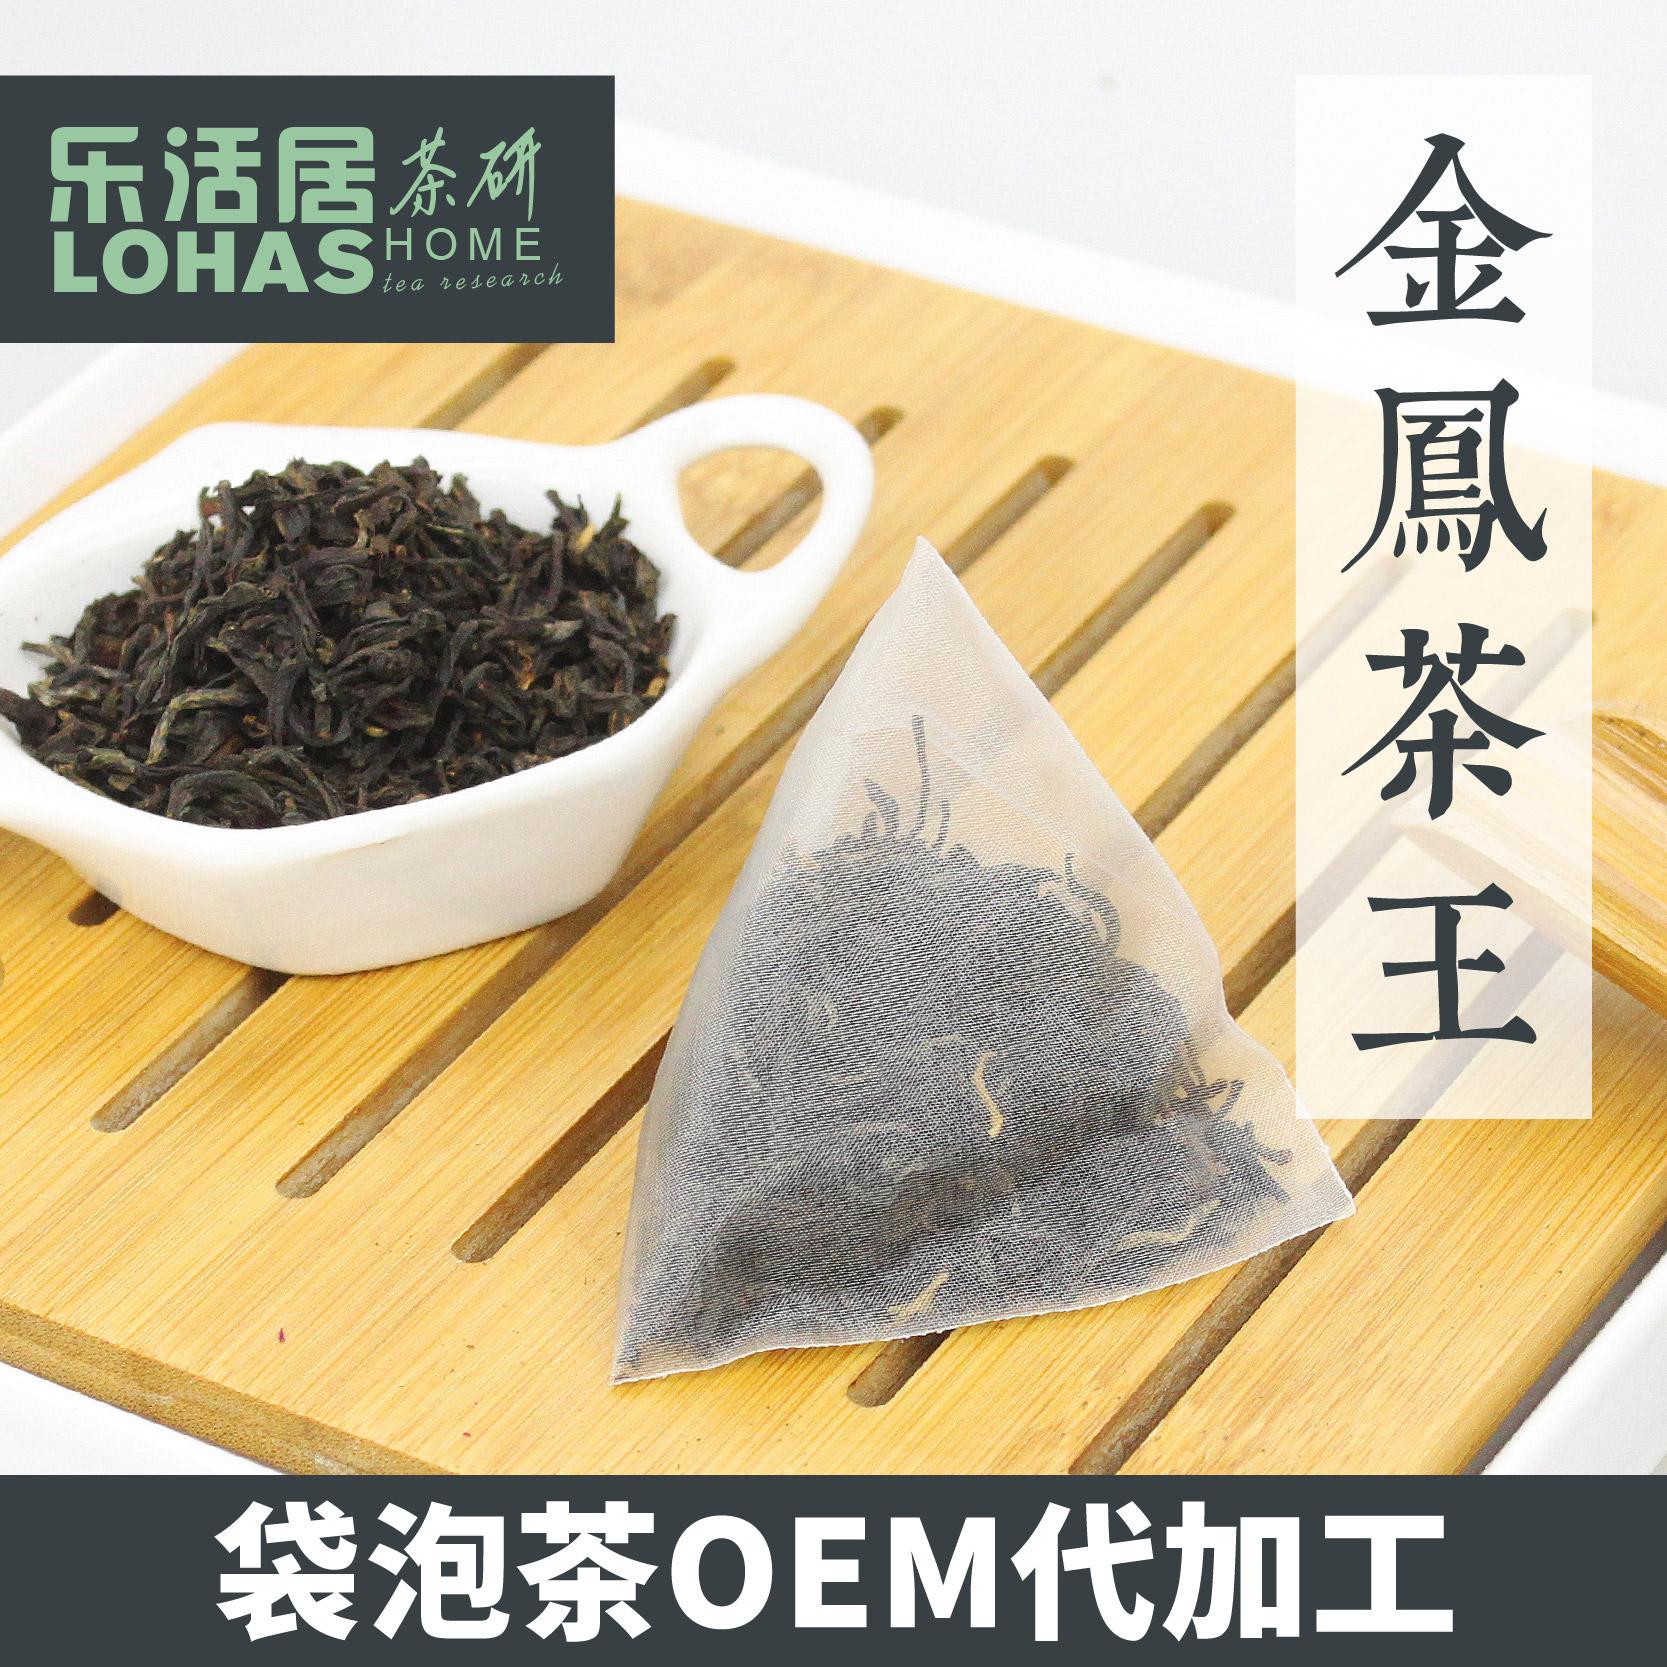 厂家大量批发金凤茶王 红茶 三角包袋泡茶奶茶餐饮店原料专用直销